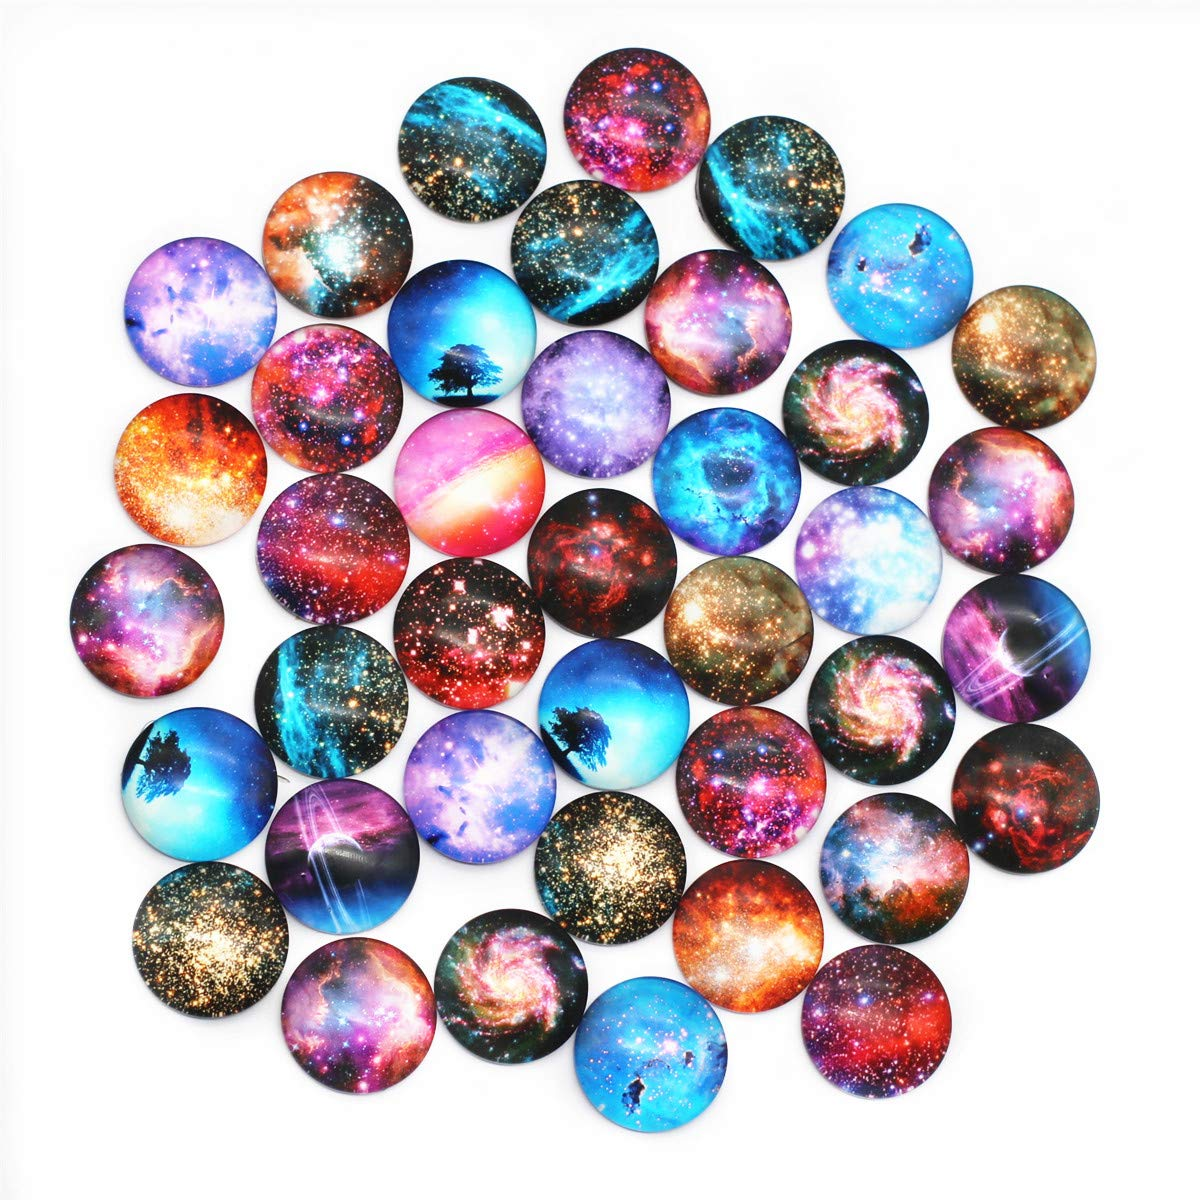 ZHU YU CHUN 40 Pcs 25mm Glass Dome Cabochons Half Round Flatback Cosmic Sky (Style 1) by ZHU YU CHUN